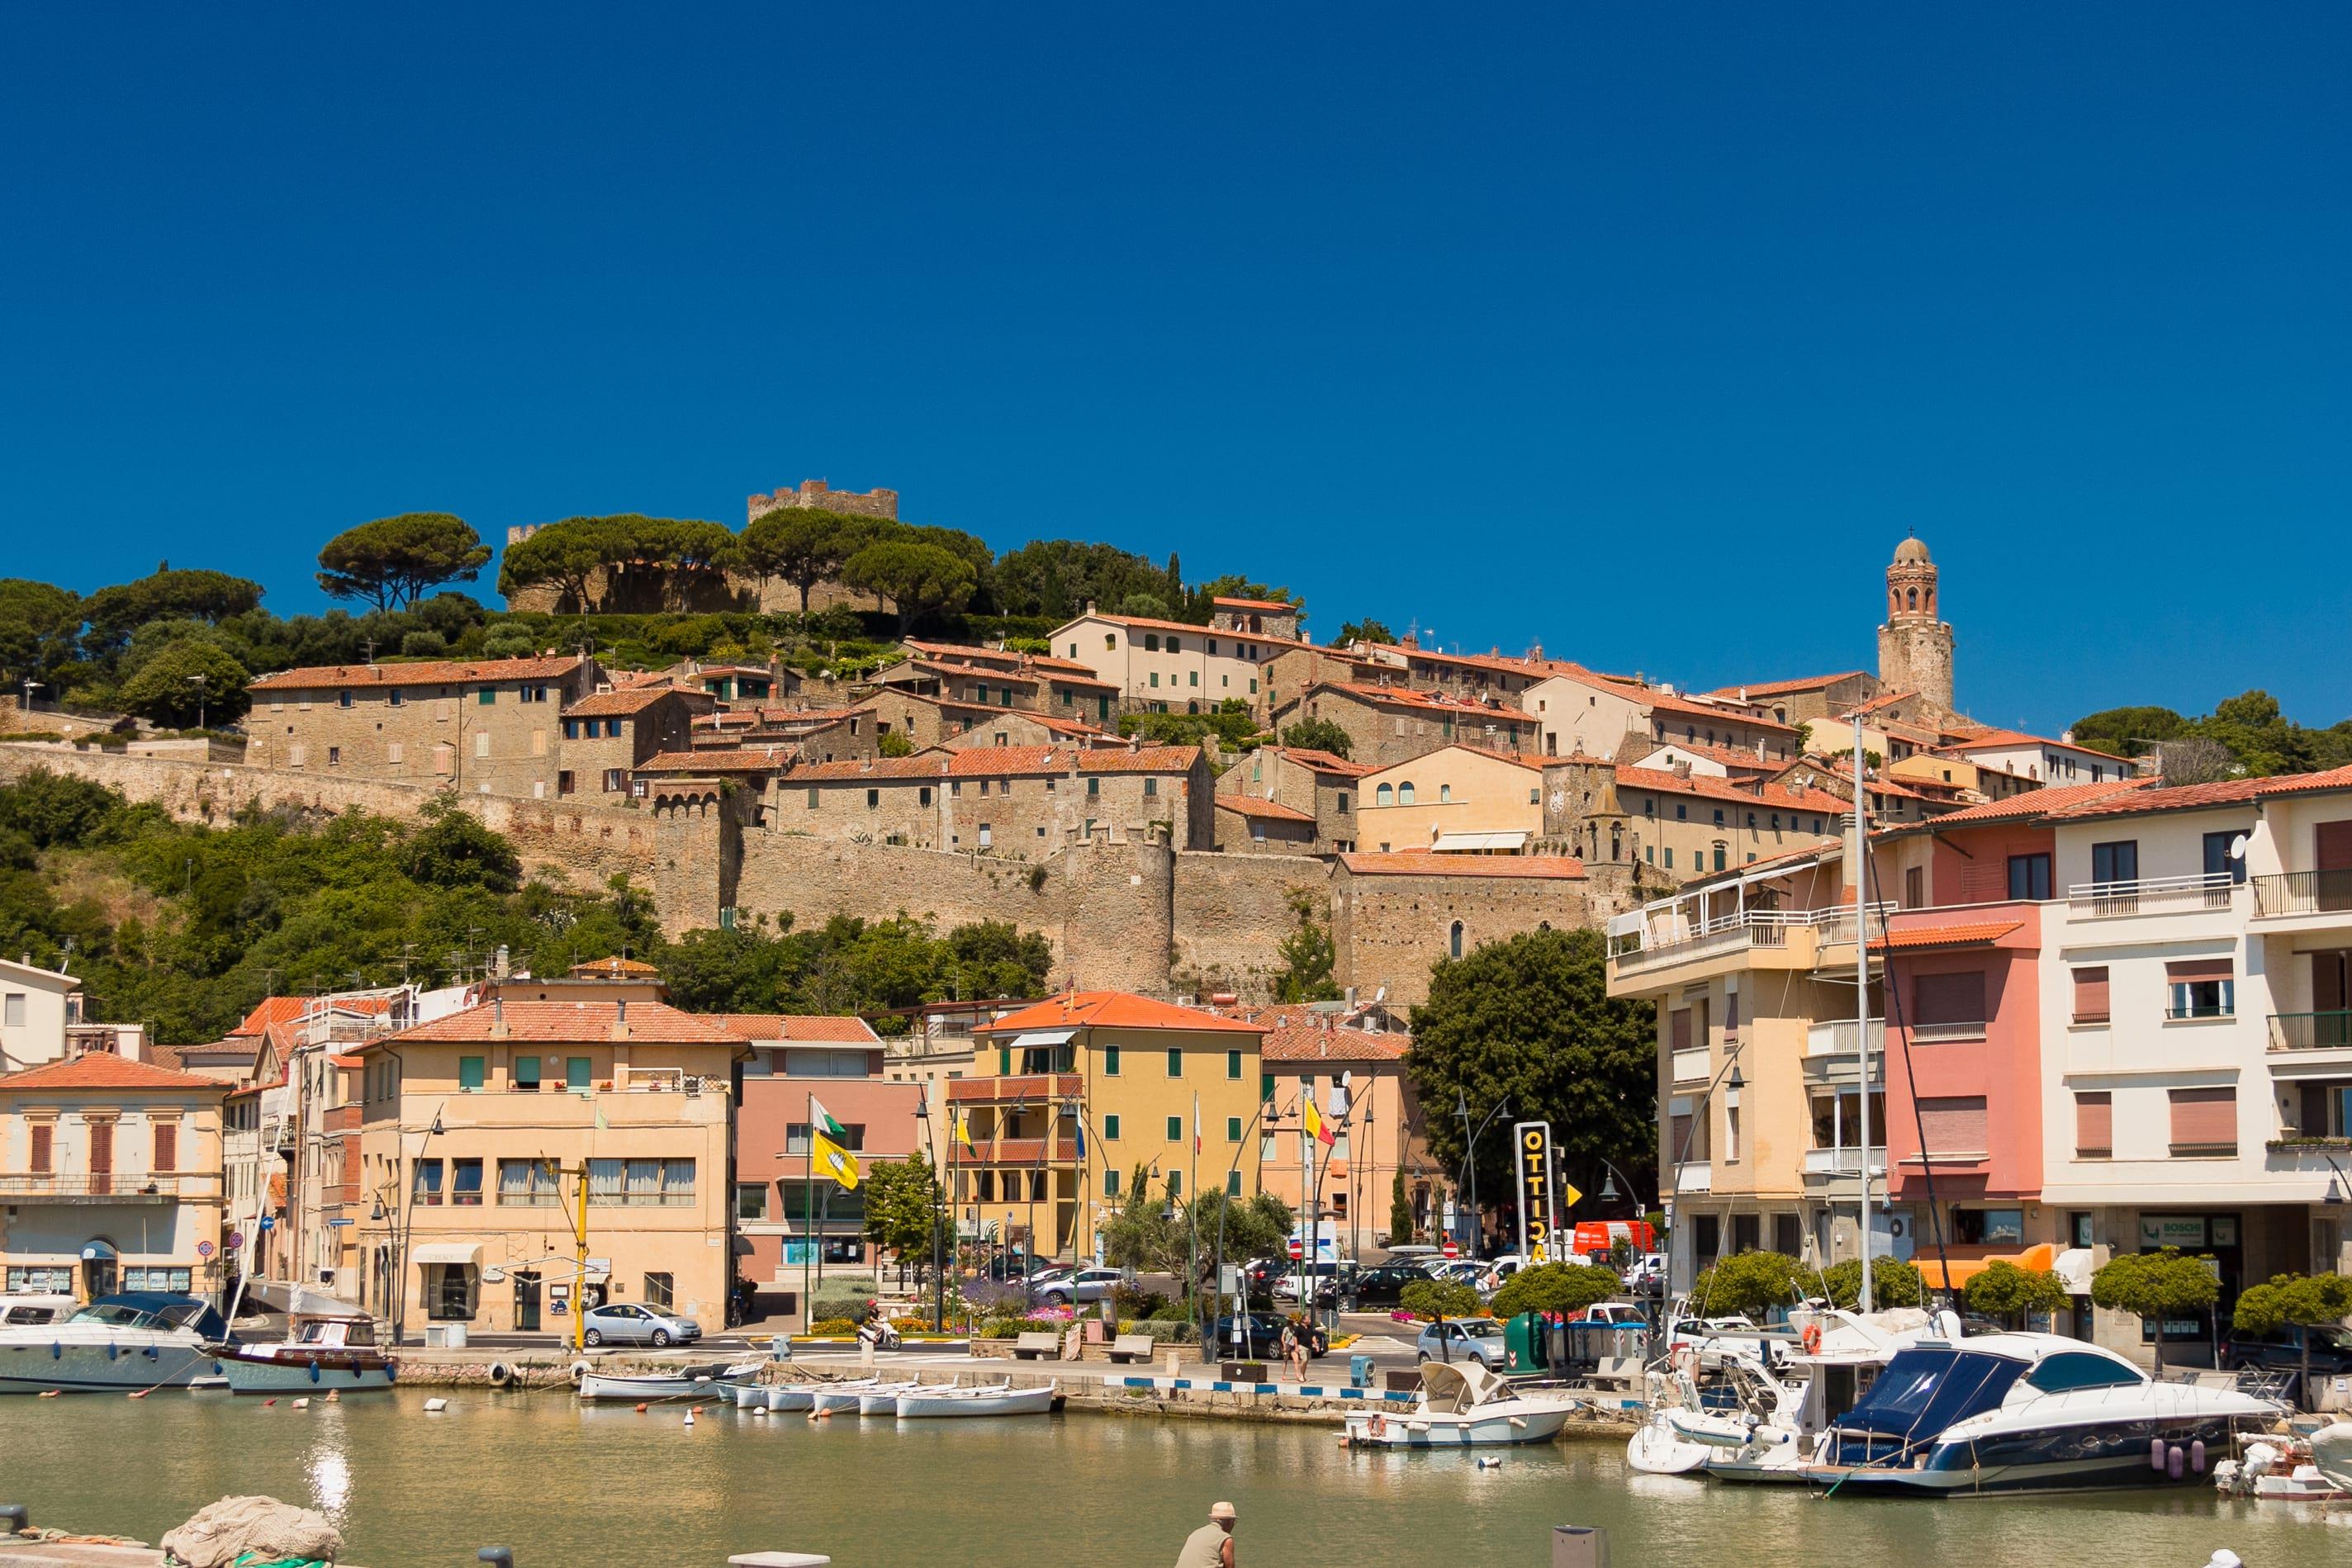 castiglione della pescaia province of grosseto tuscany Italy image